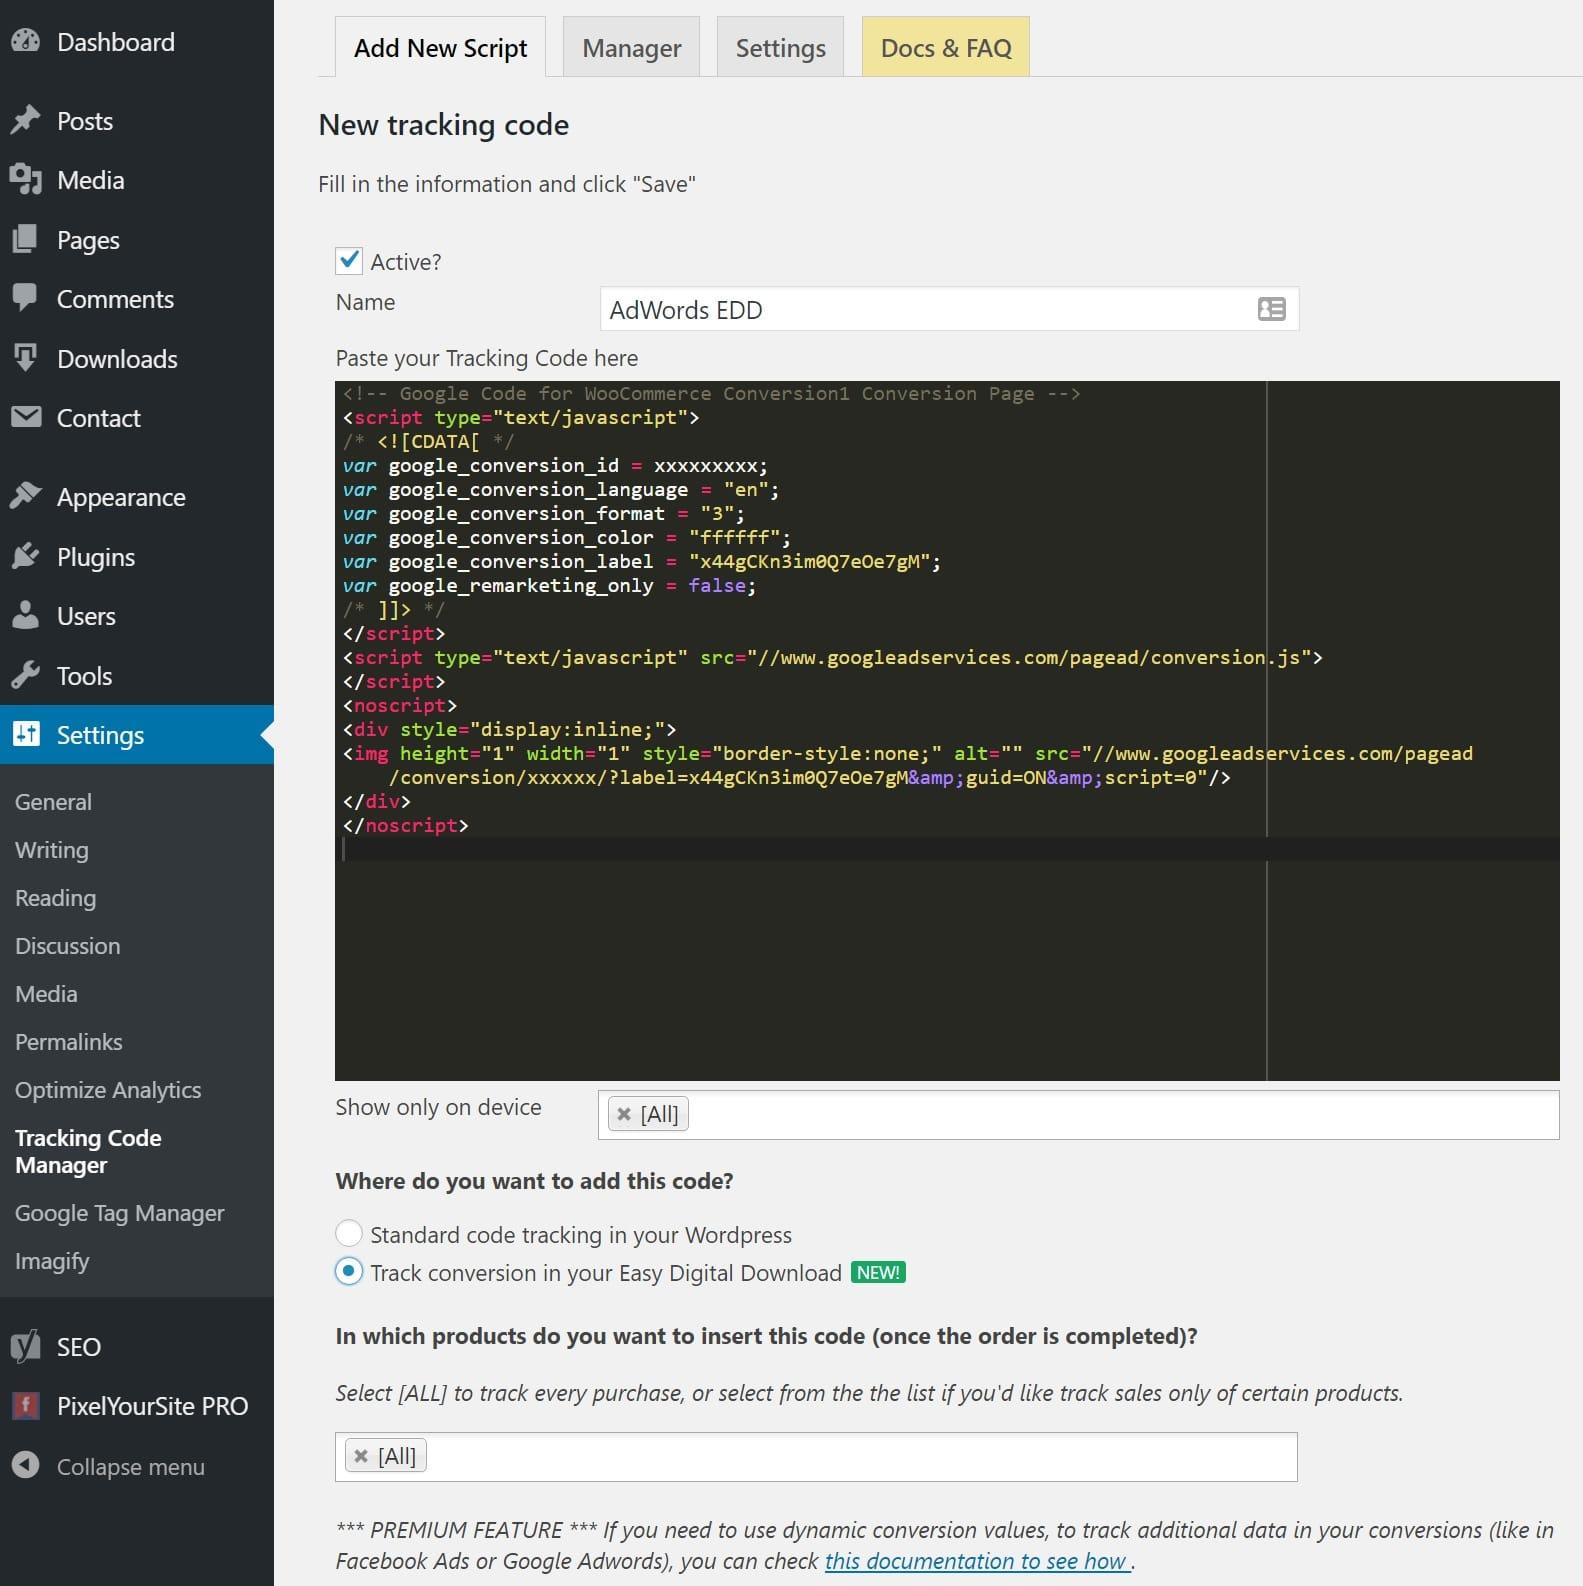 Tilføj AdWords Easy Digital Downloads pixel